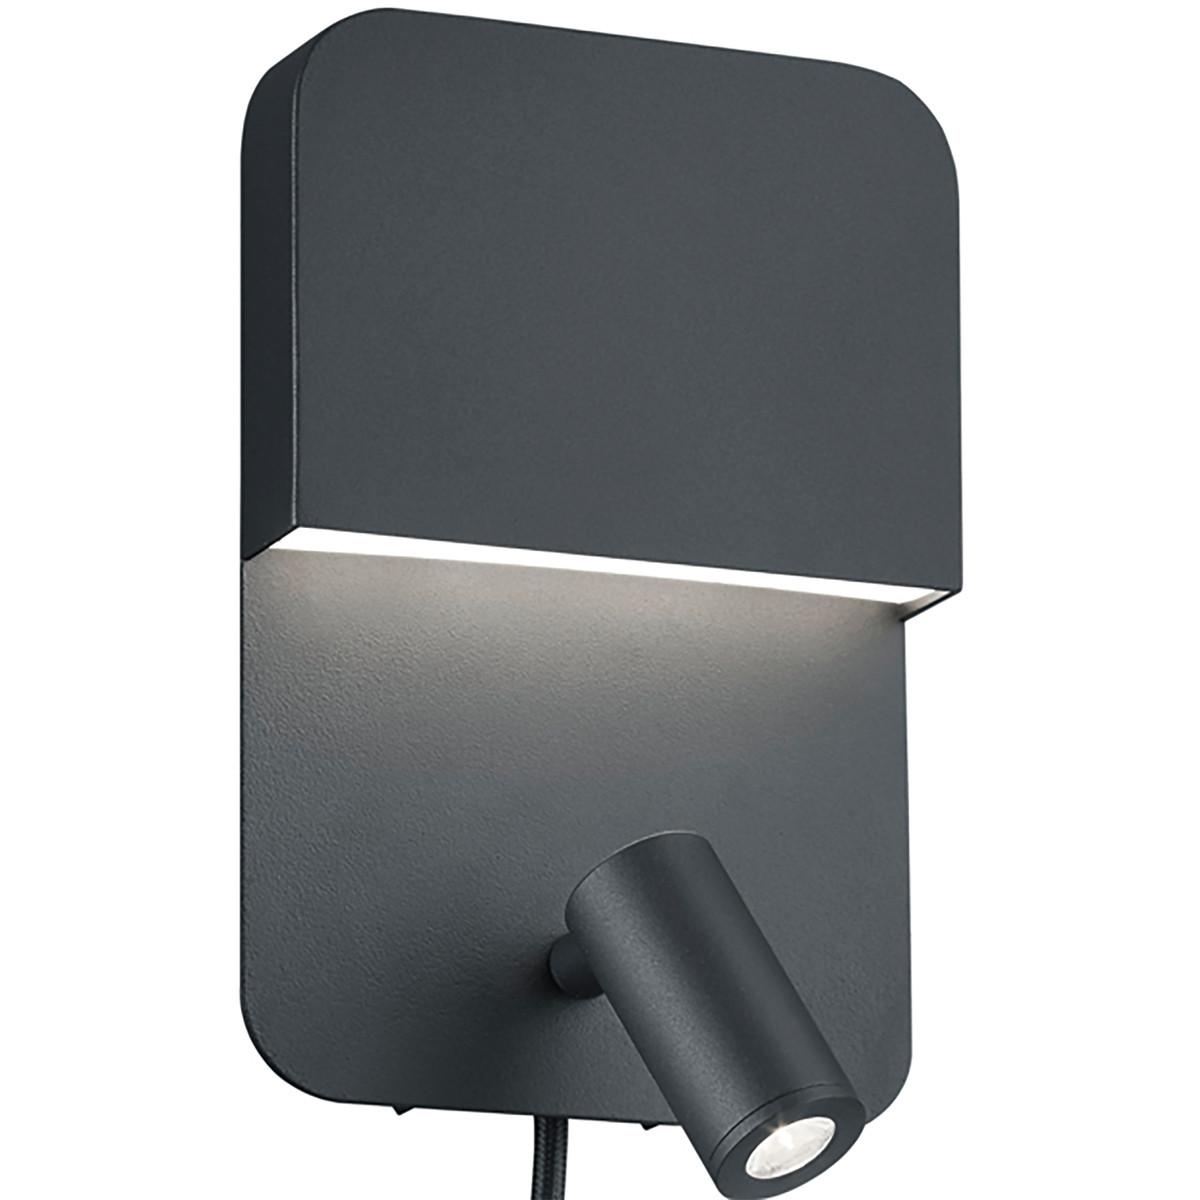 LED Wandlamp - Trion Liona - 7W - Warm Wit 3000K - Rechthoek - Mat Zwart - Alumi